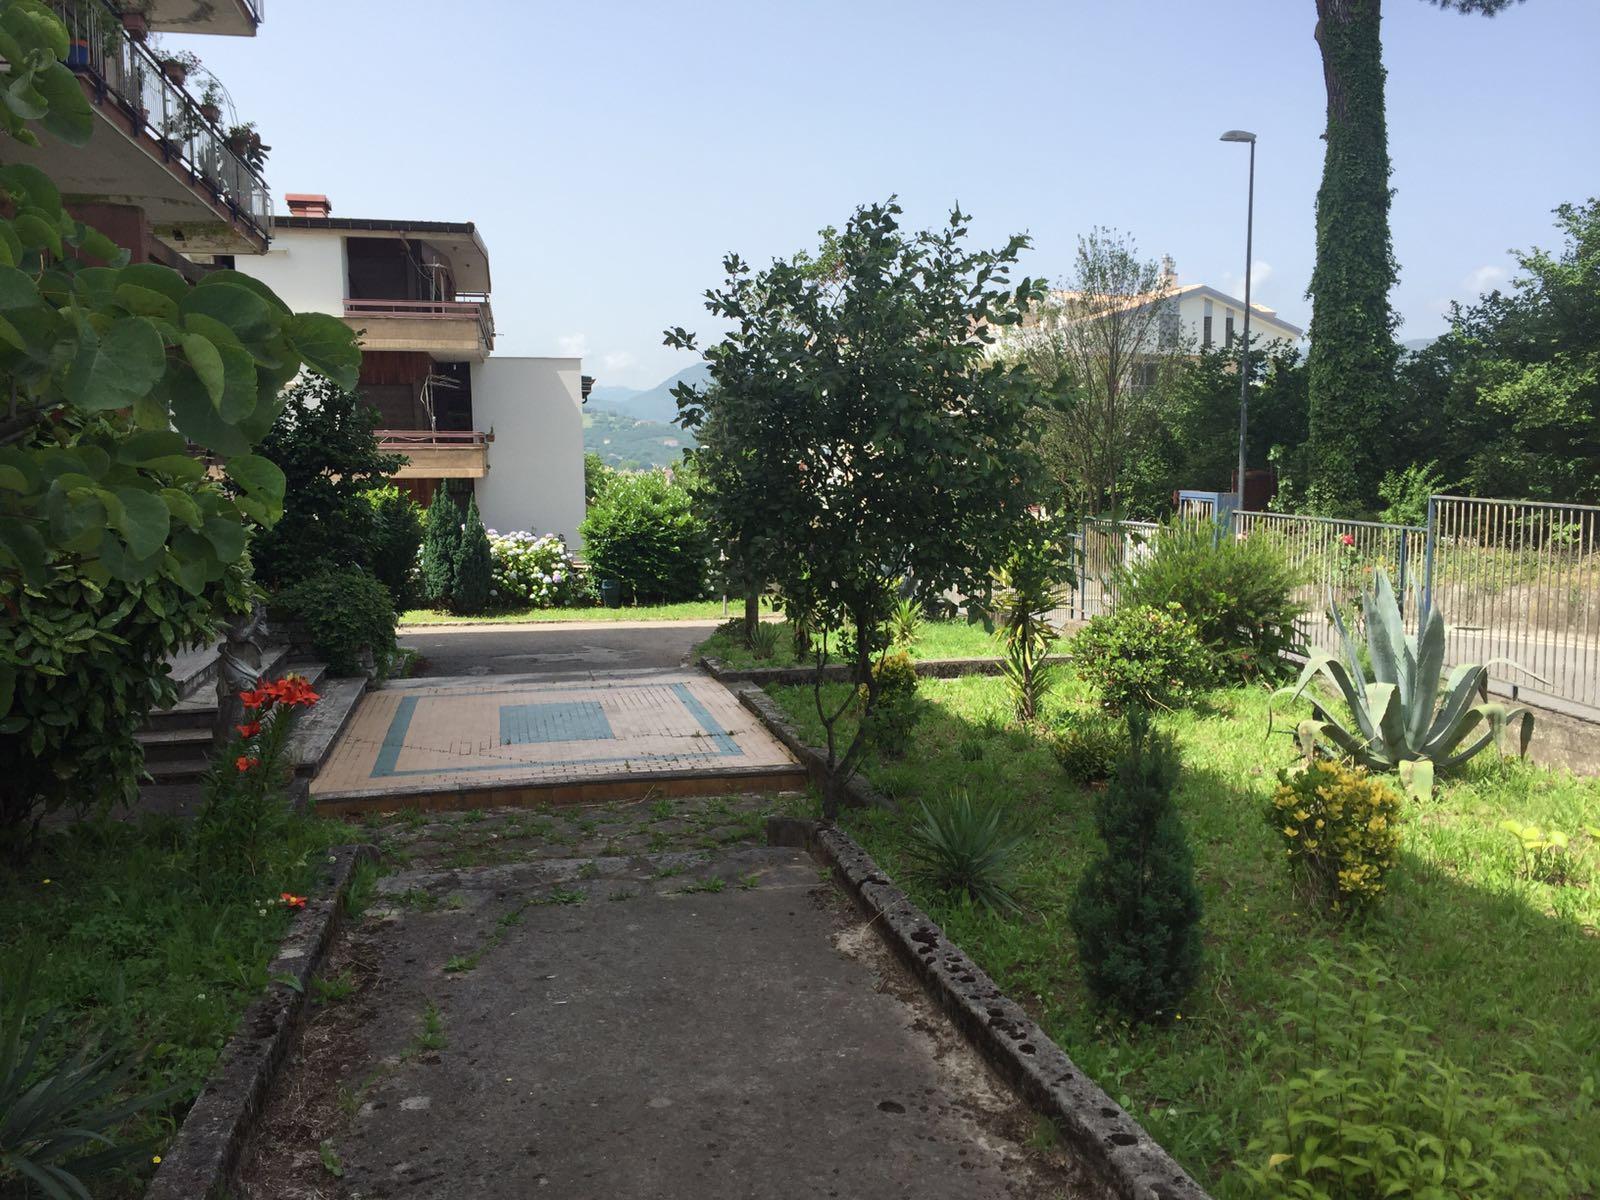 Appartamento in vendita a Avellino, 6 locali, zona Località: ViaTuoroCappuccini, Trattative riservate | Cambio Casa.it